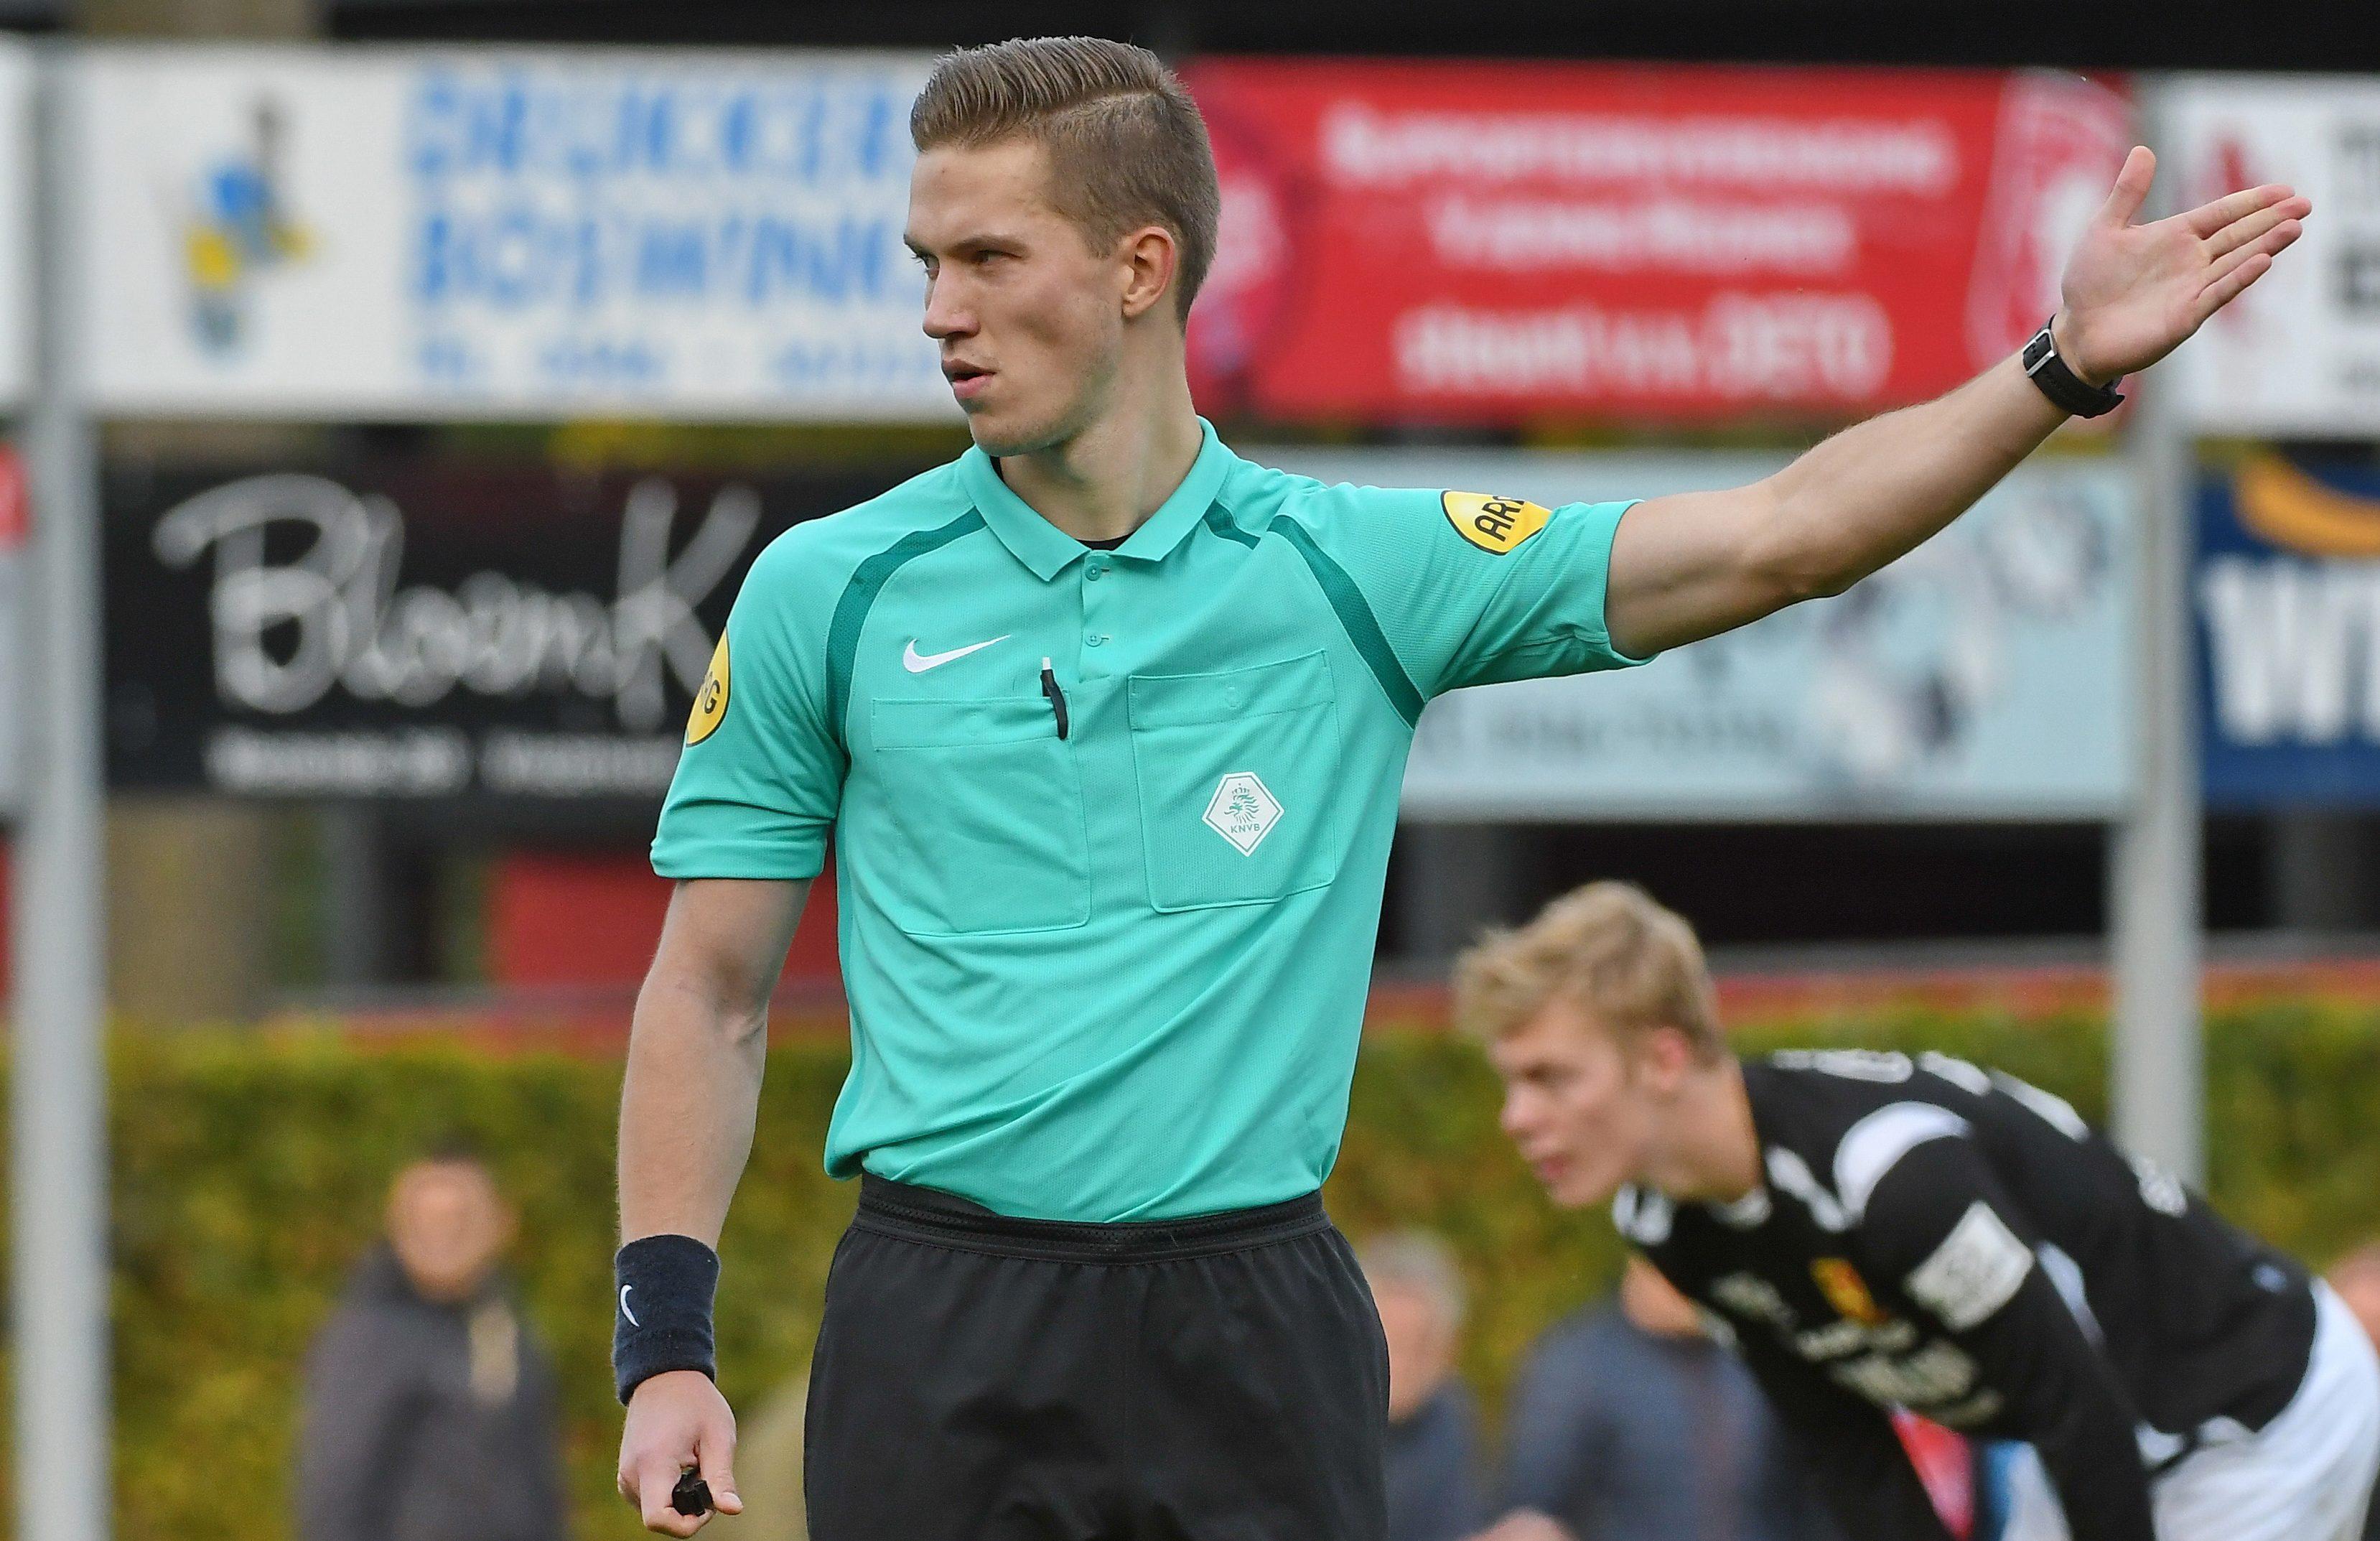 Martijn Kieft